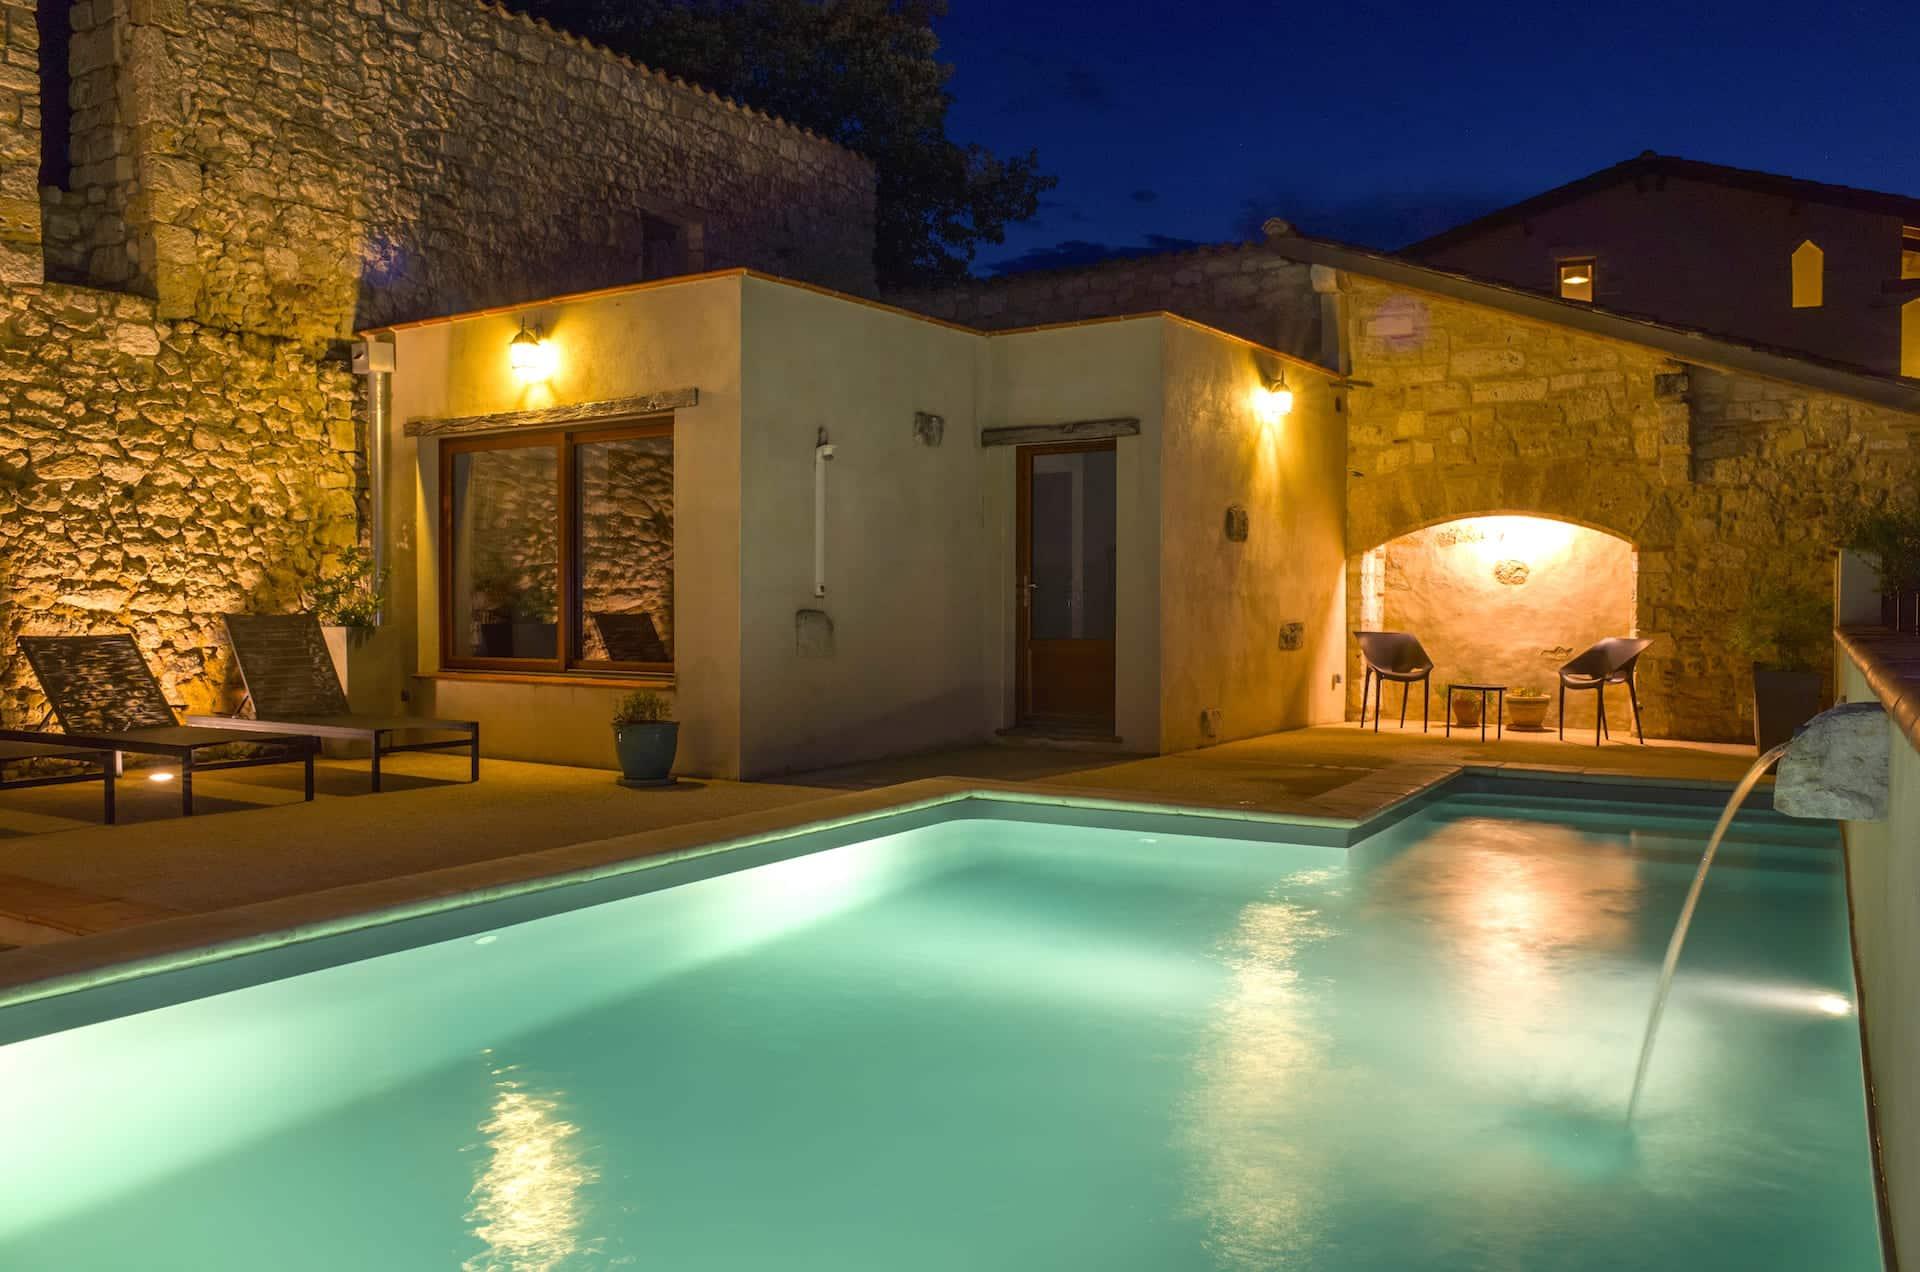 piscine chauffée gite haut de gamme sud-ouest